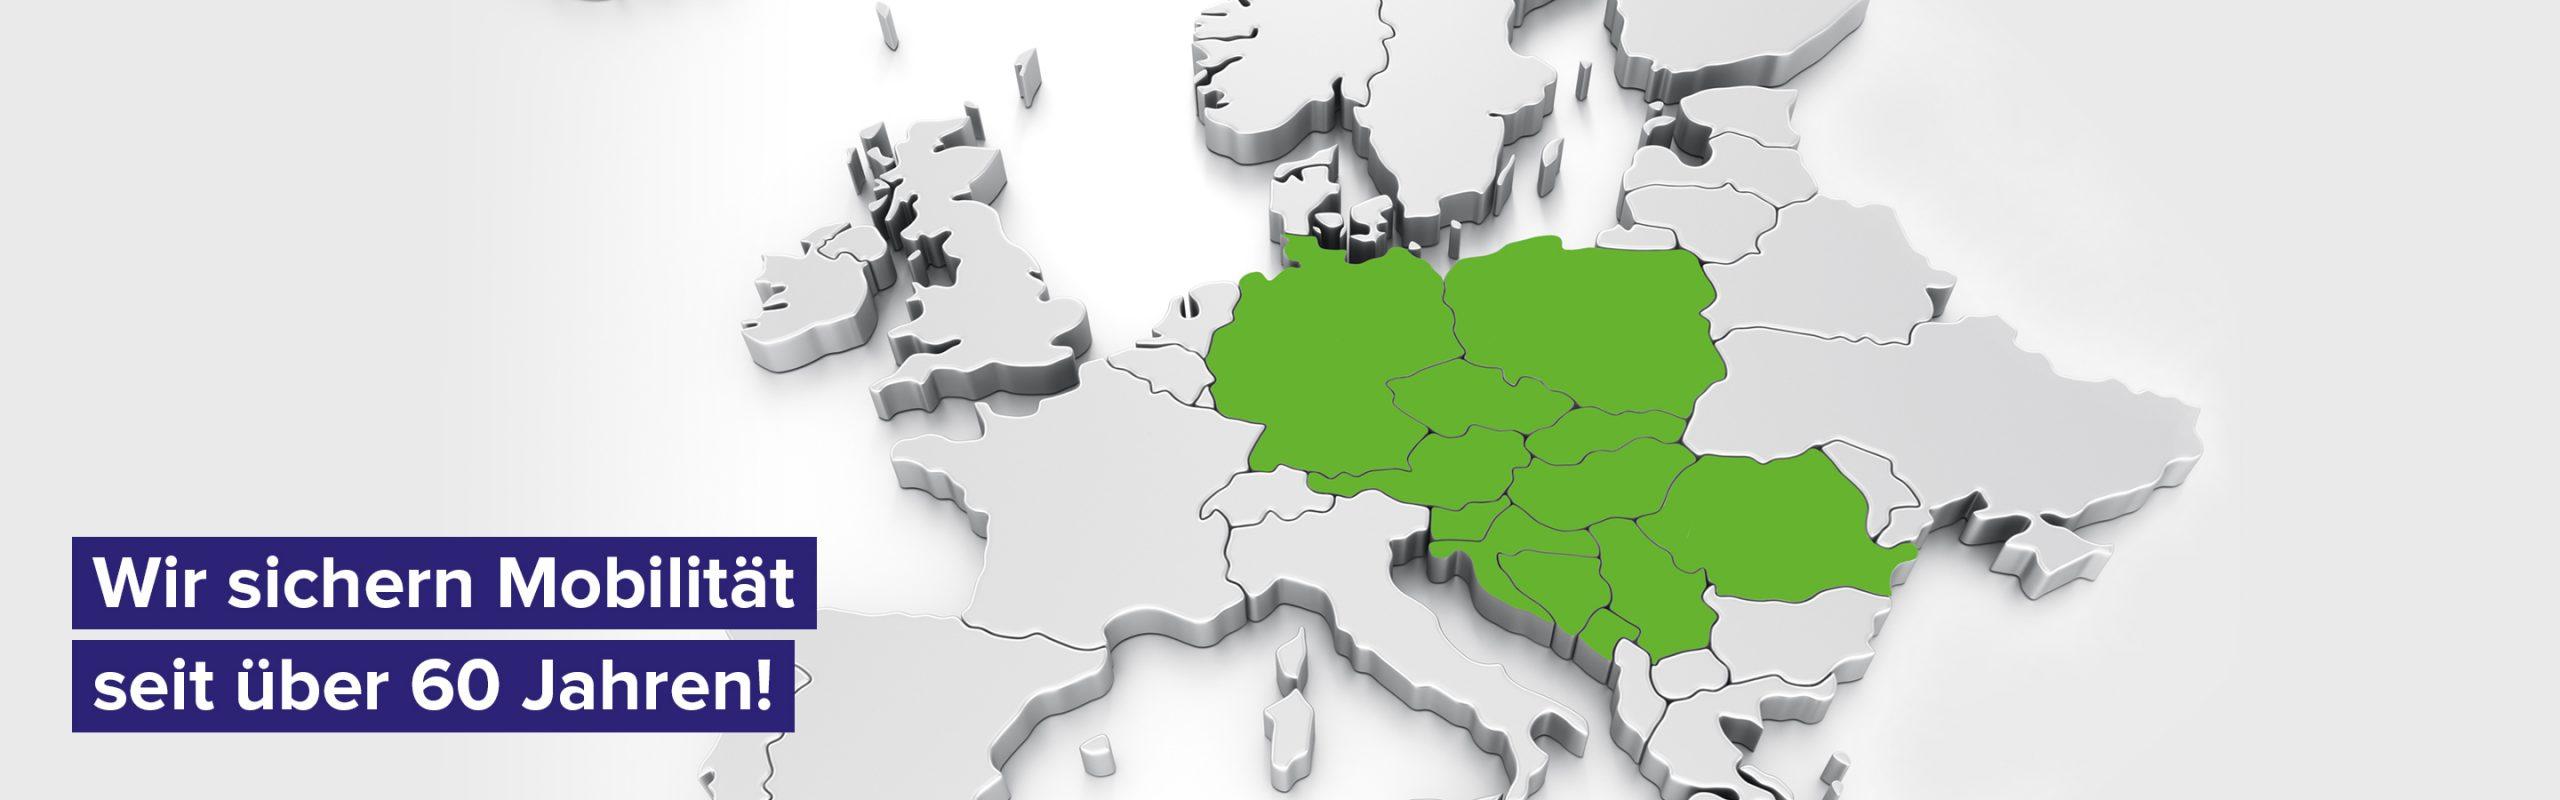 Bild Europa